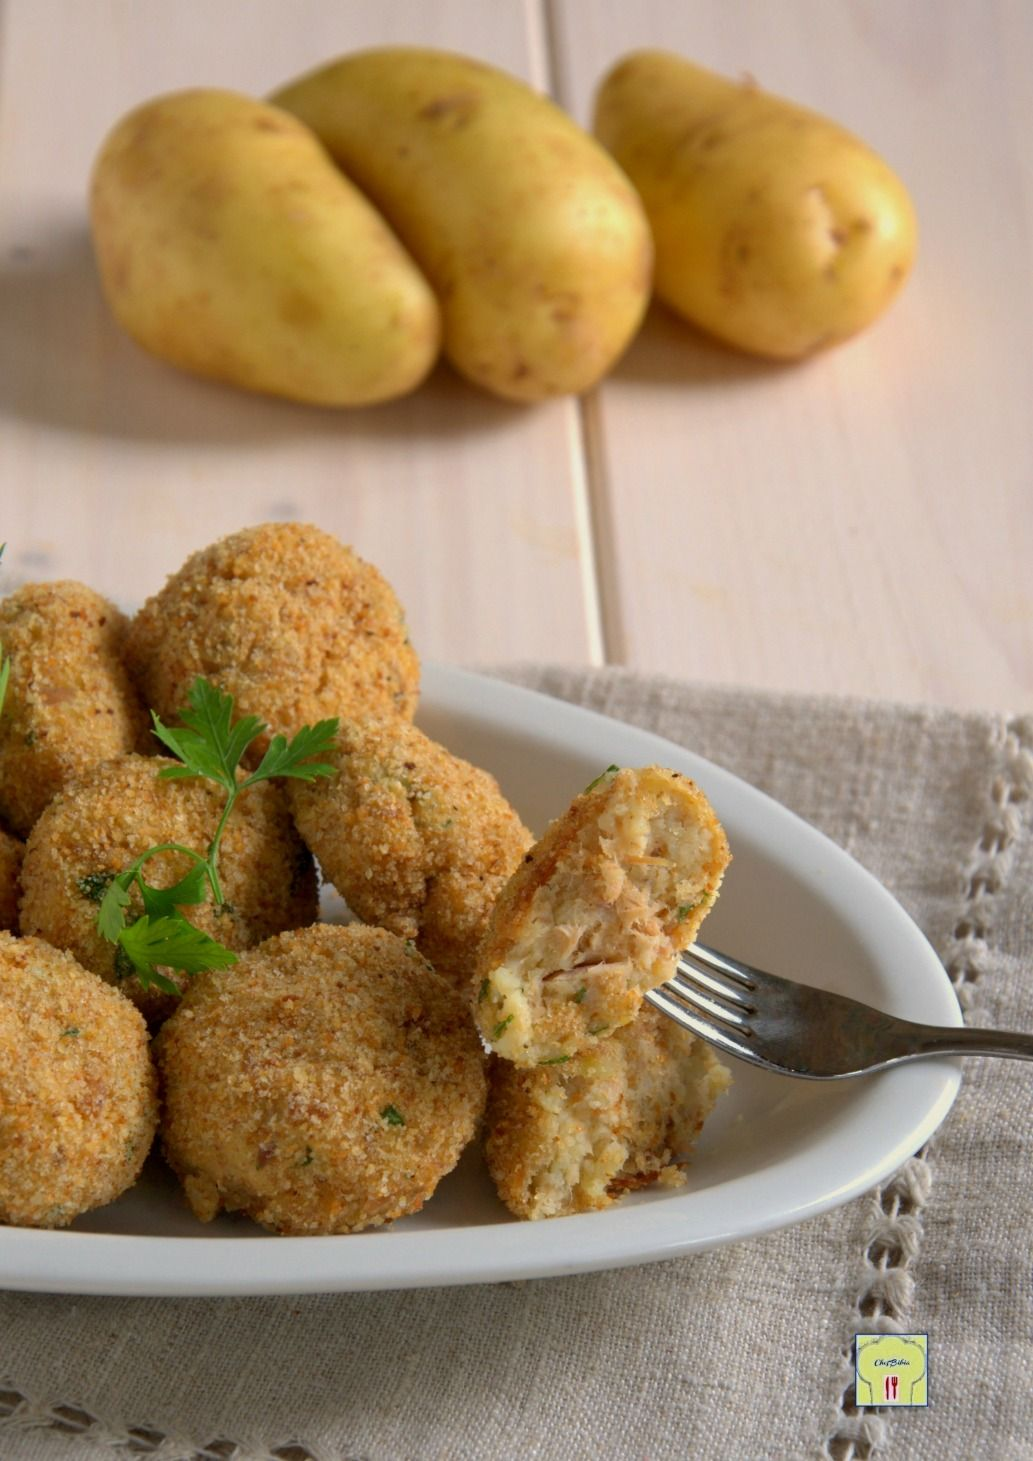 Polpette di tonno e patate gp cucina italiana nel 2019 for Cucinare vegetariano